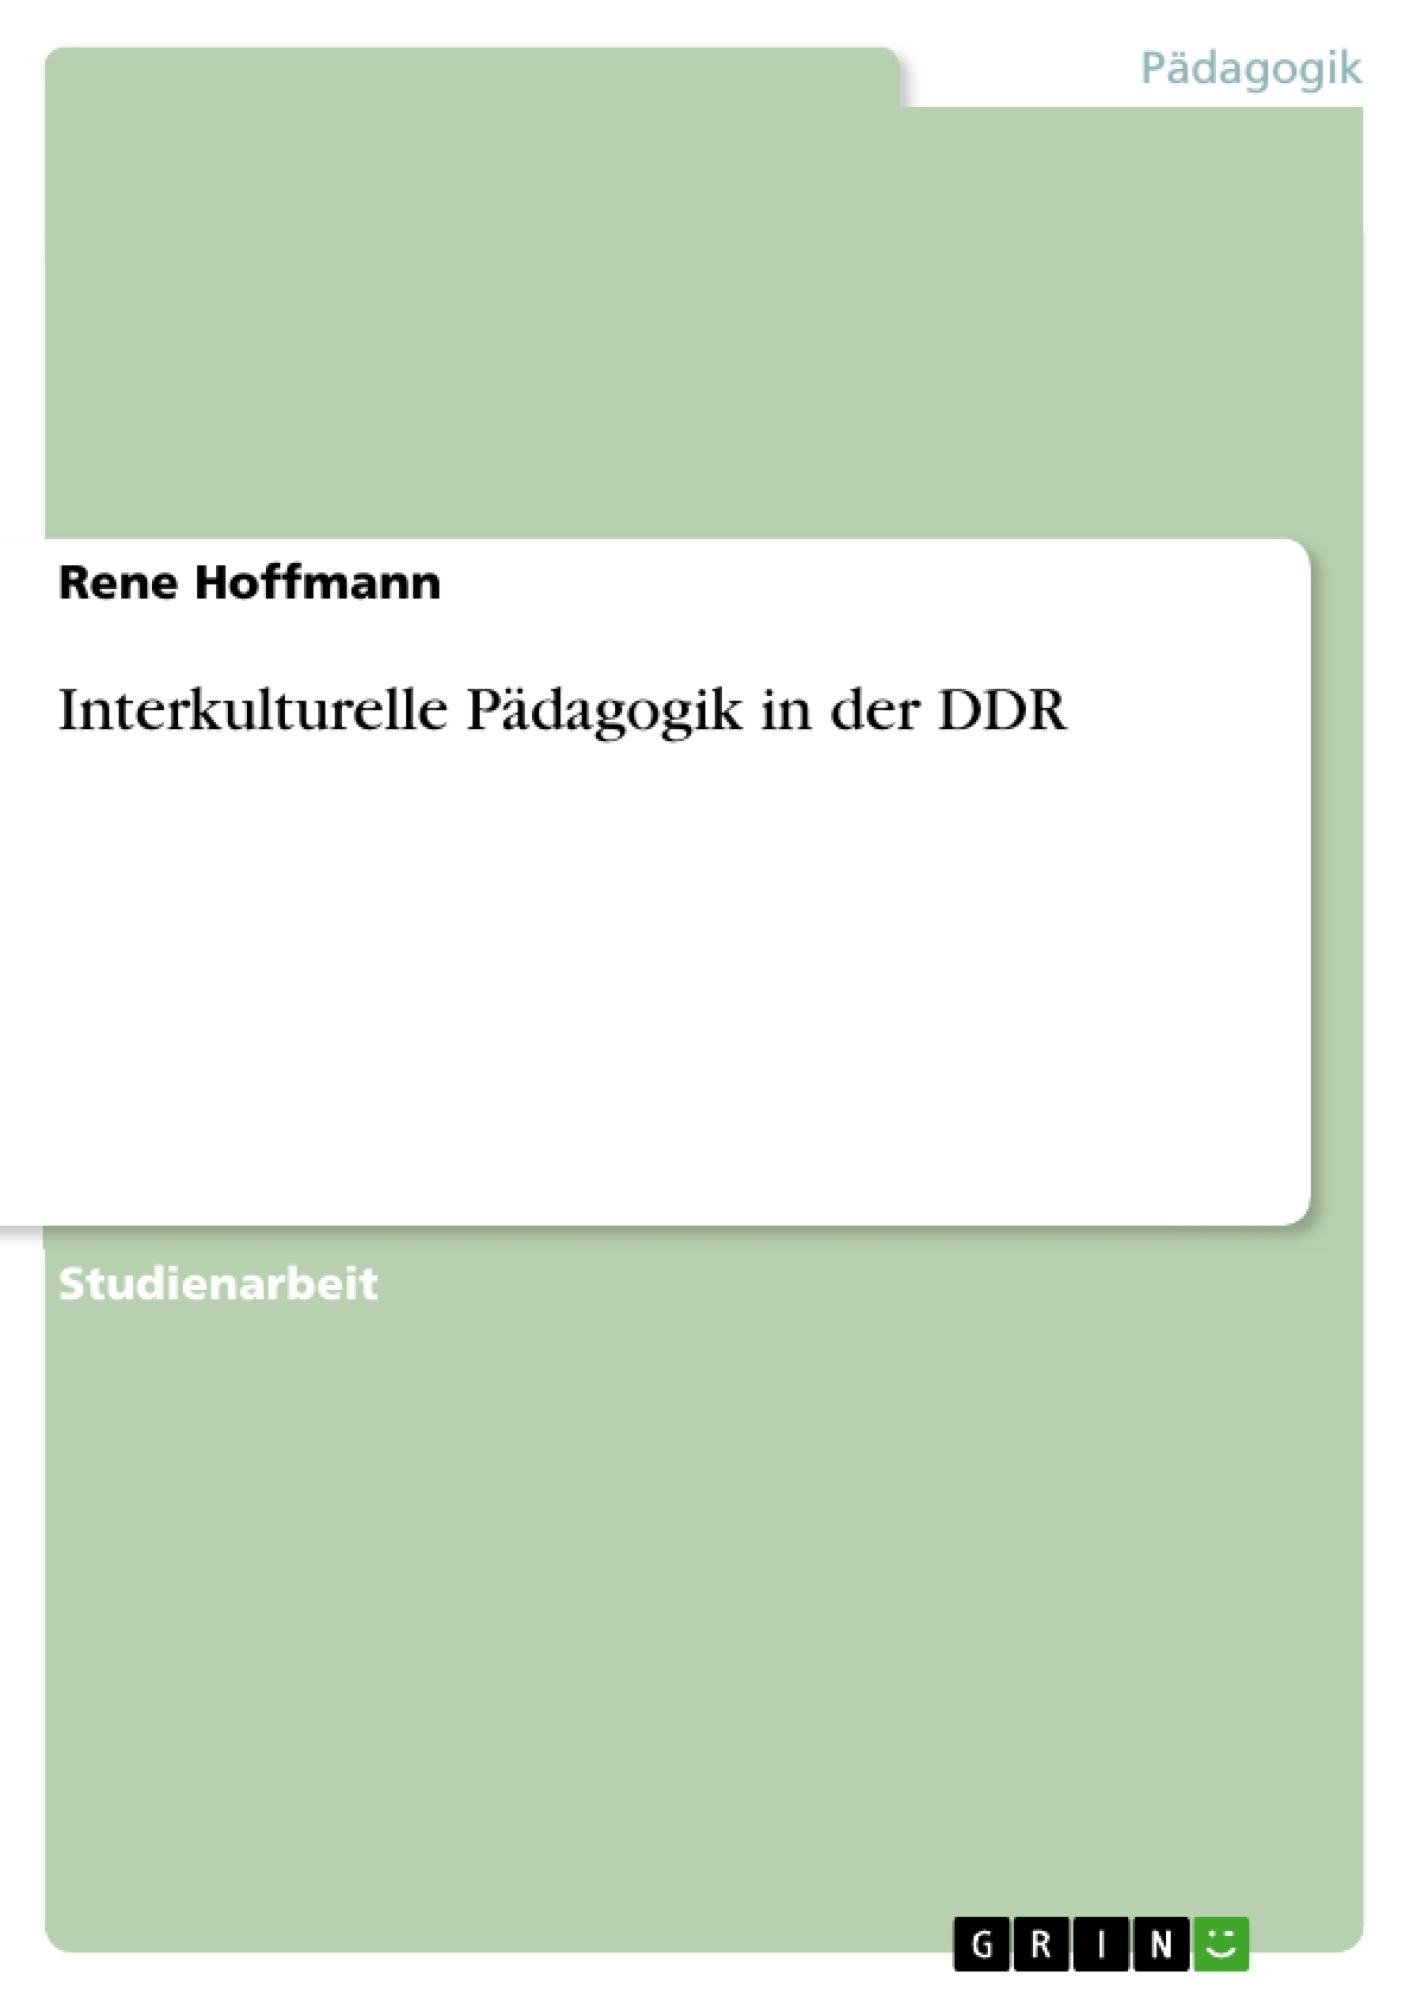 Titel: Interkulturelle Pädagogik in der DDR